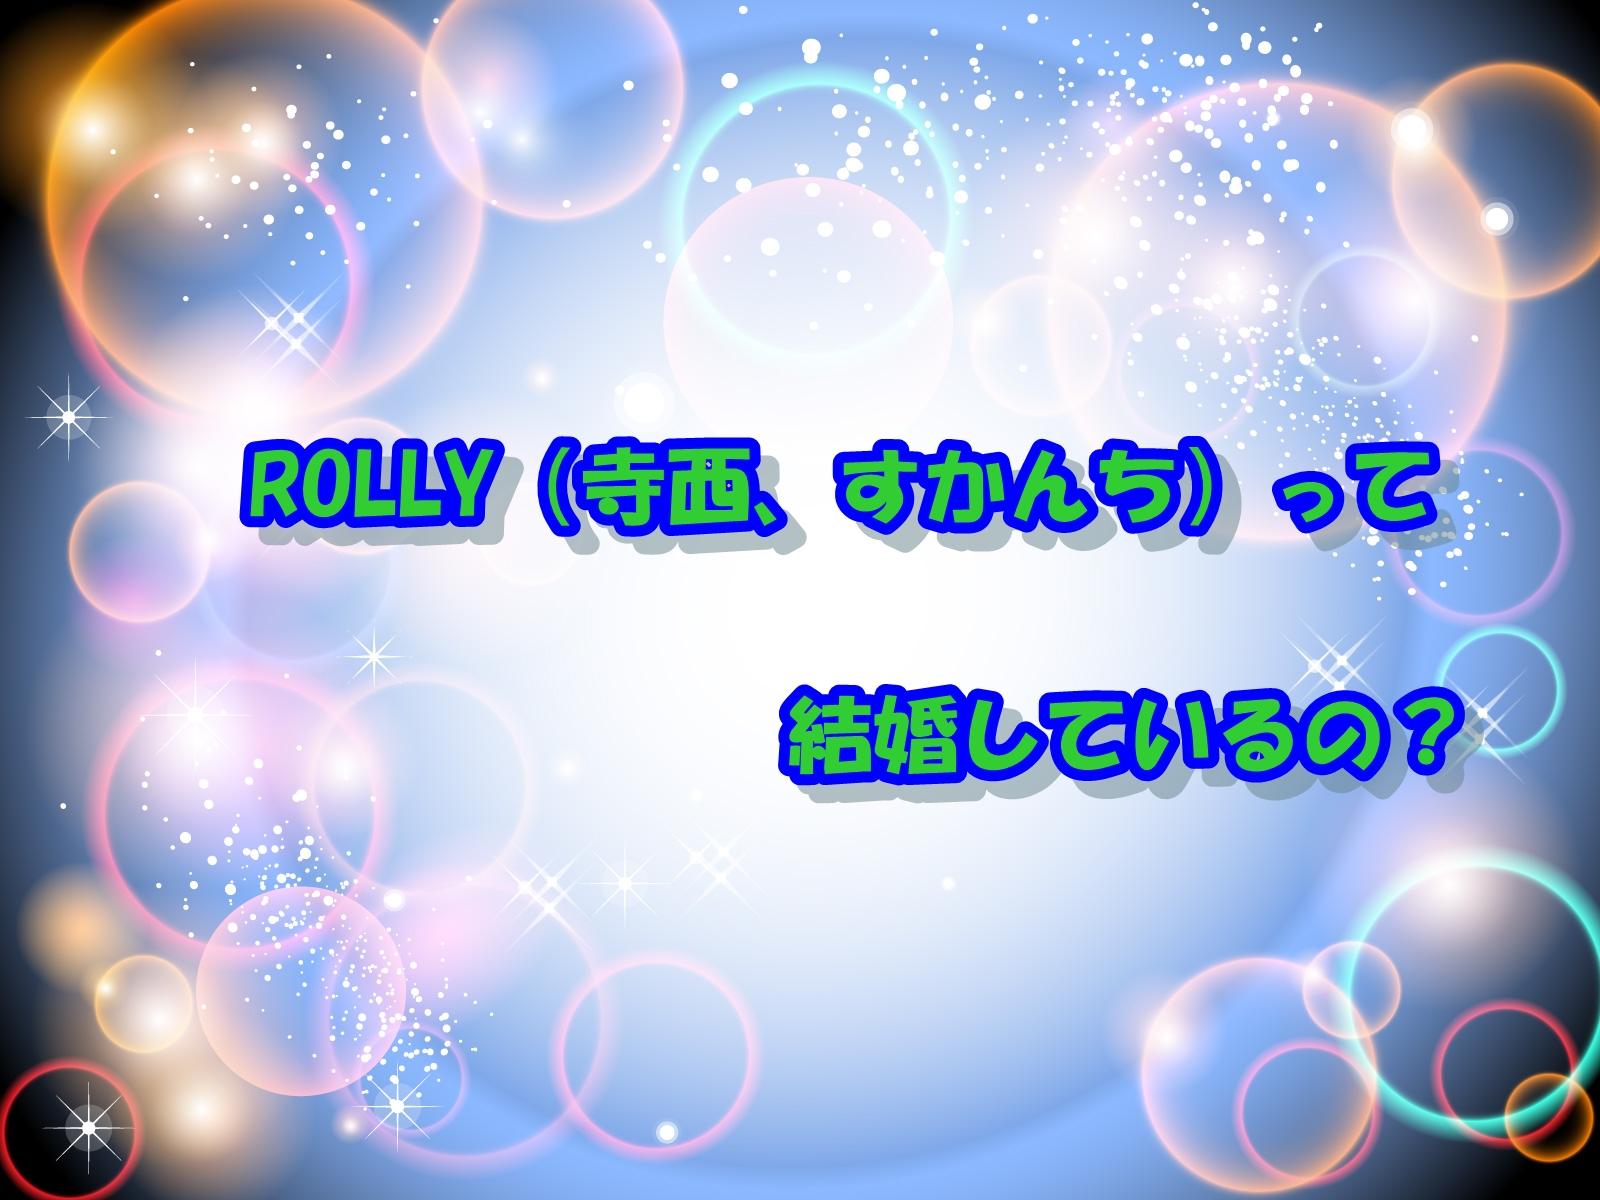 ROLLY(寺西、すかんち)って結婚しているの?